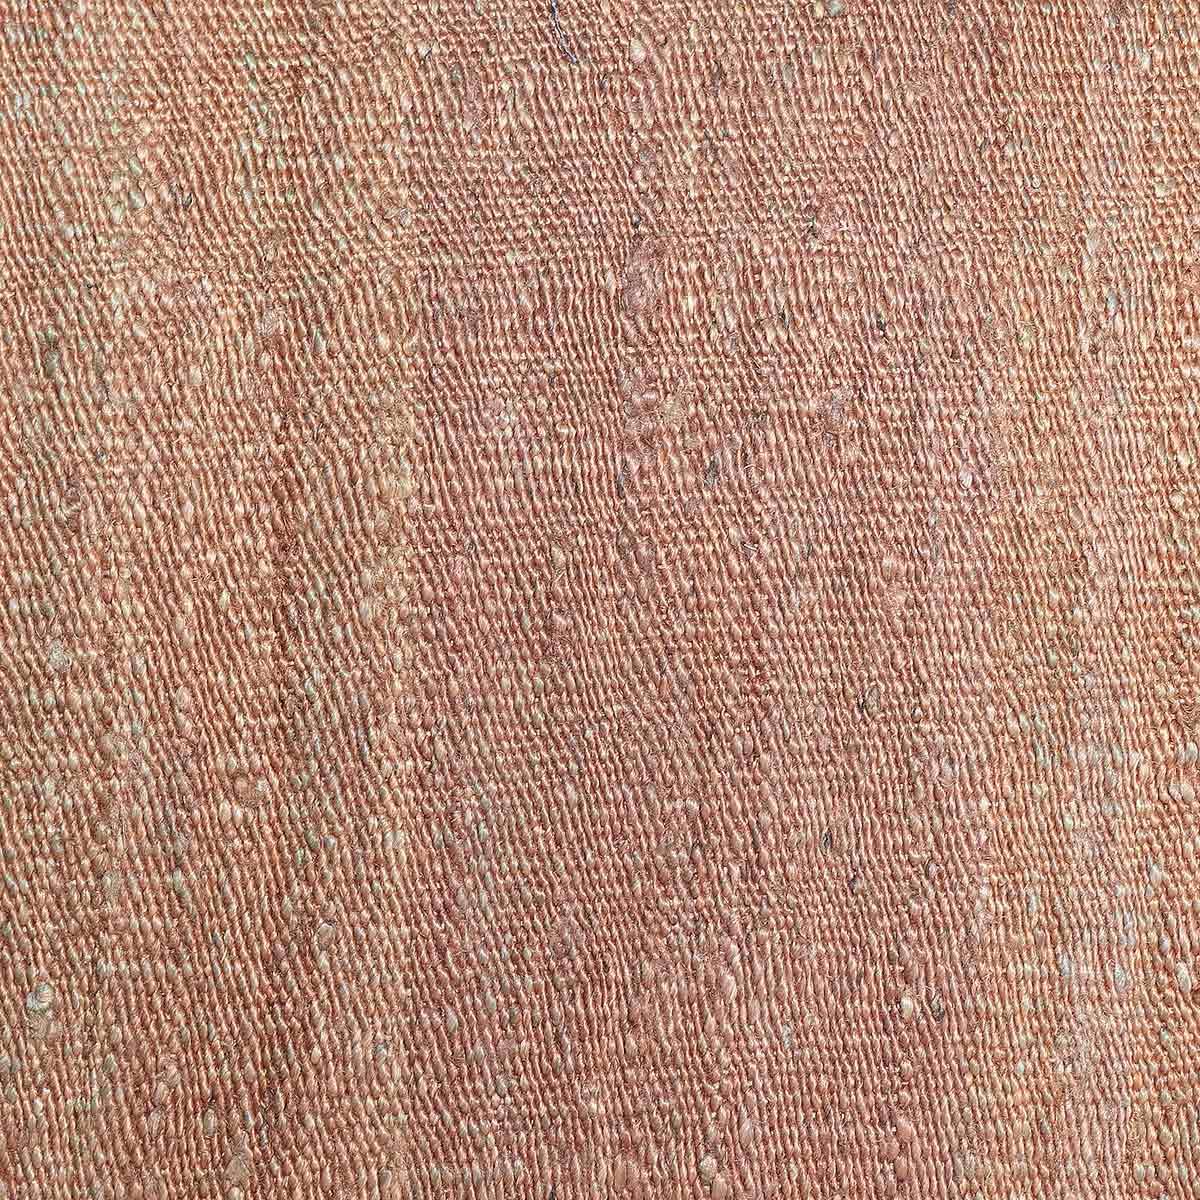 Claremont Plain Carpets Collection Tim Page